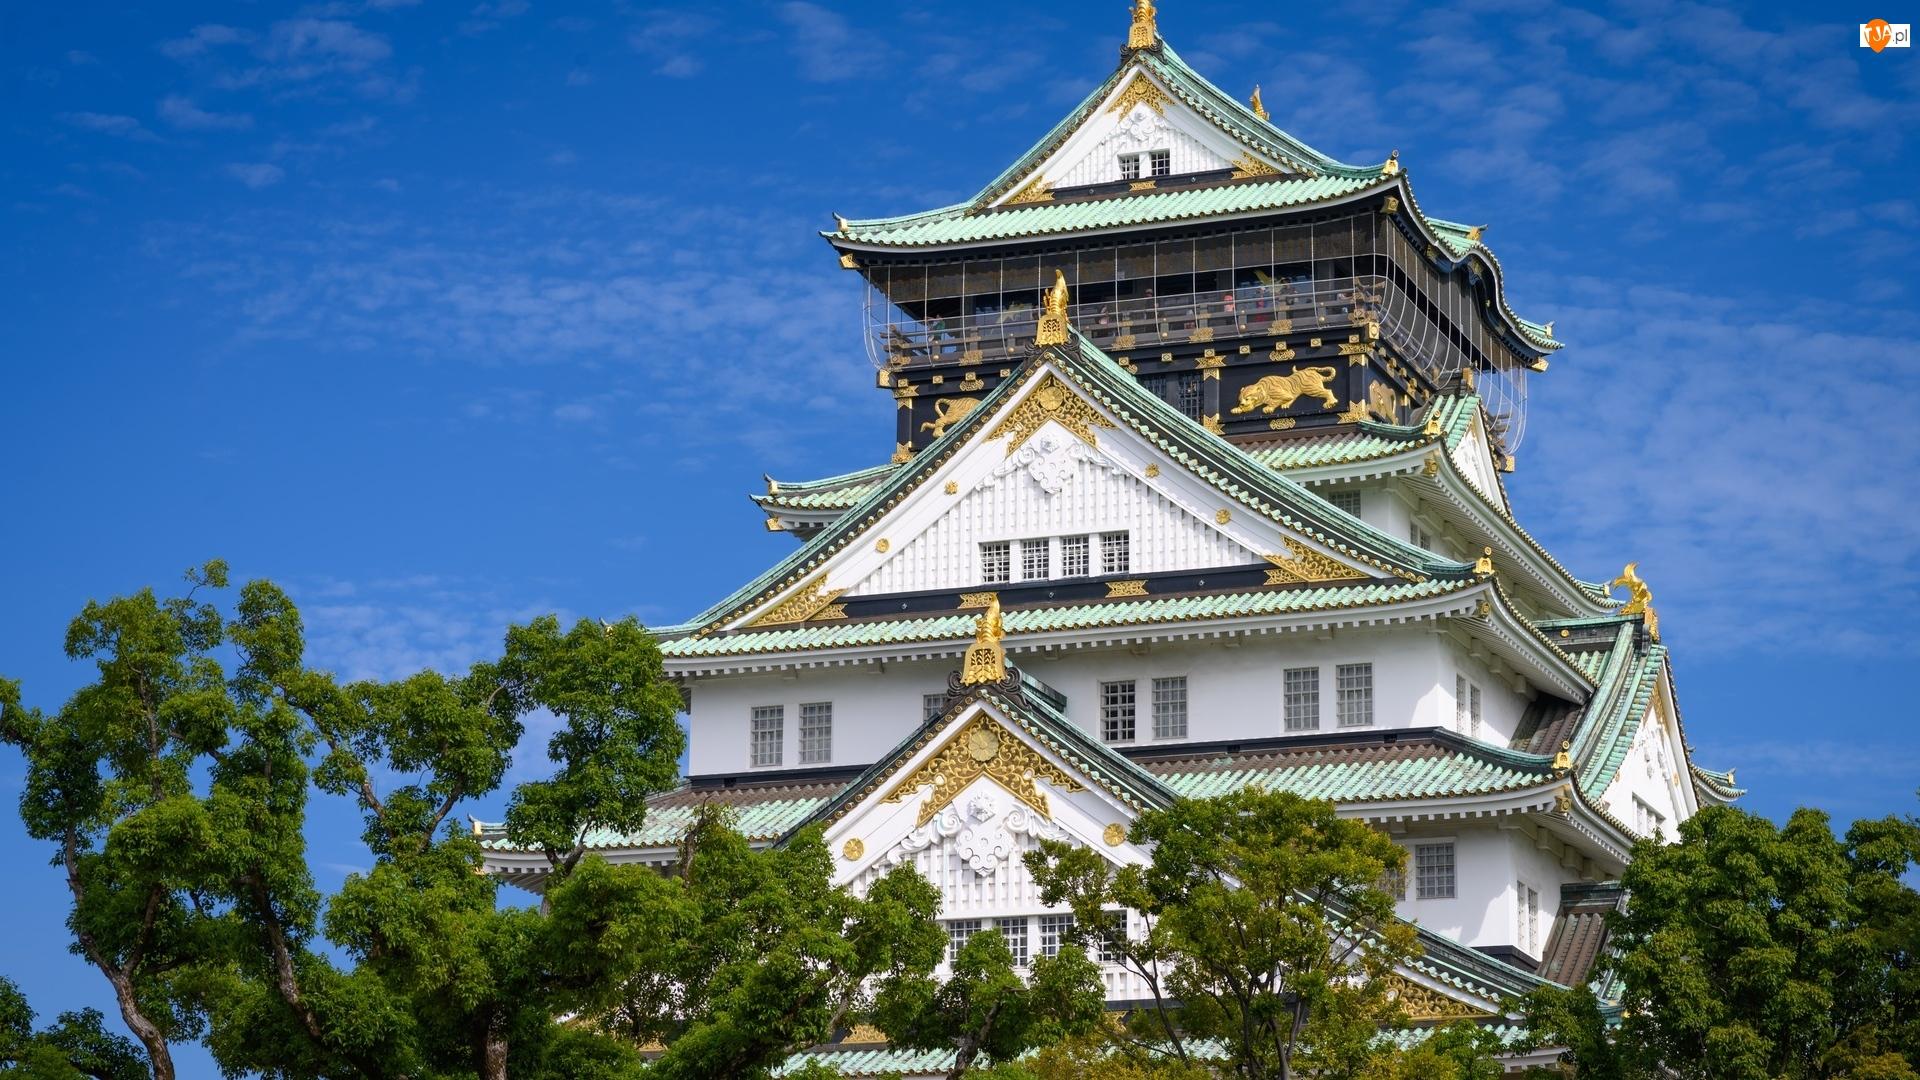 Japonia, Błękitne, Niebo, Drzewa, Osaka-jo, Zamek Osaka, Wieża główna, Brokatowy zamek, Tenshu, Osaka